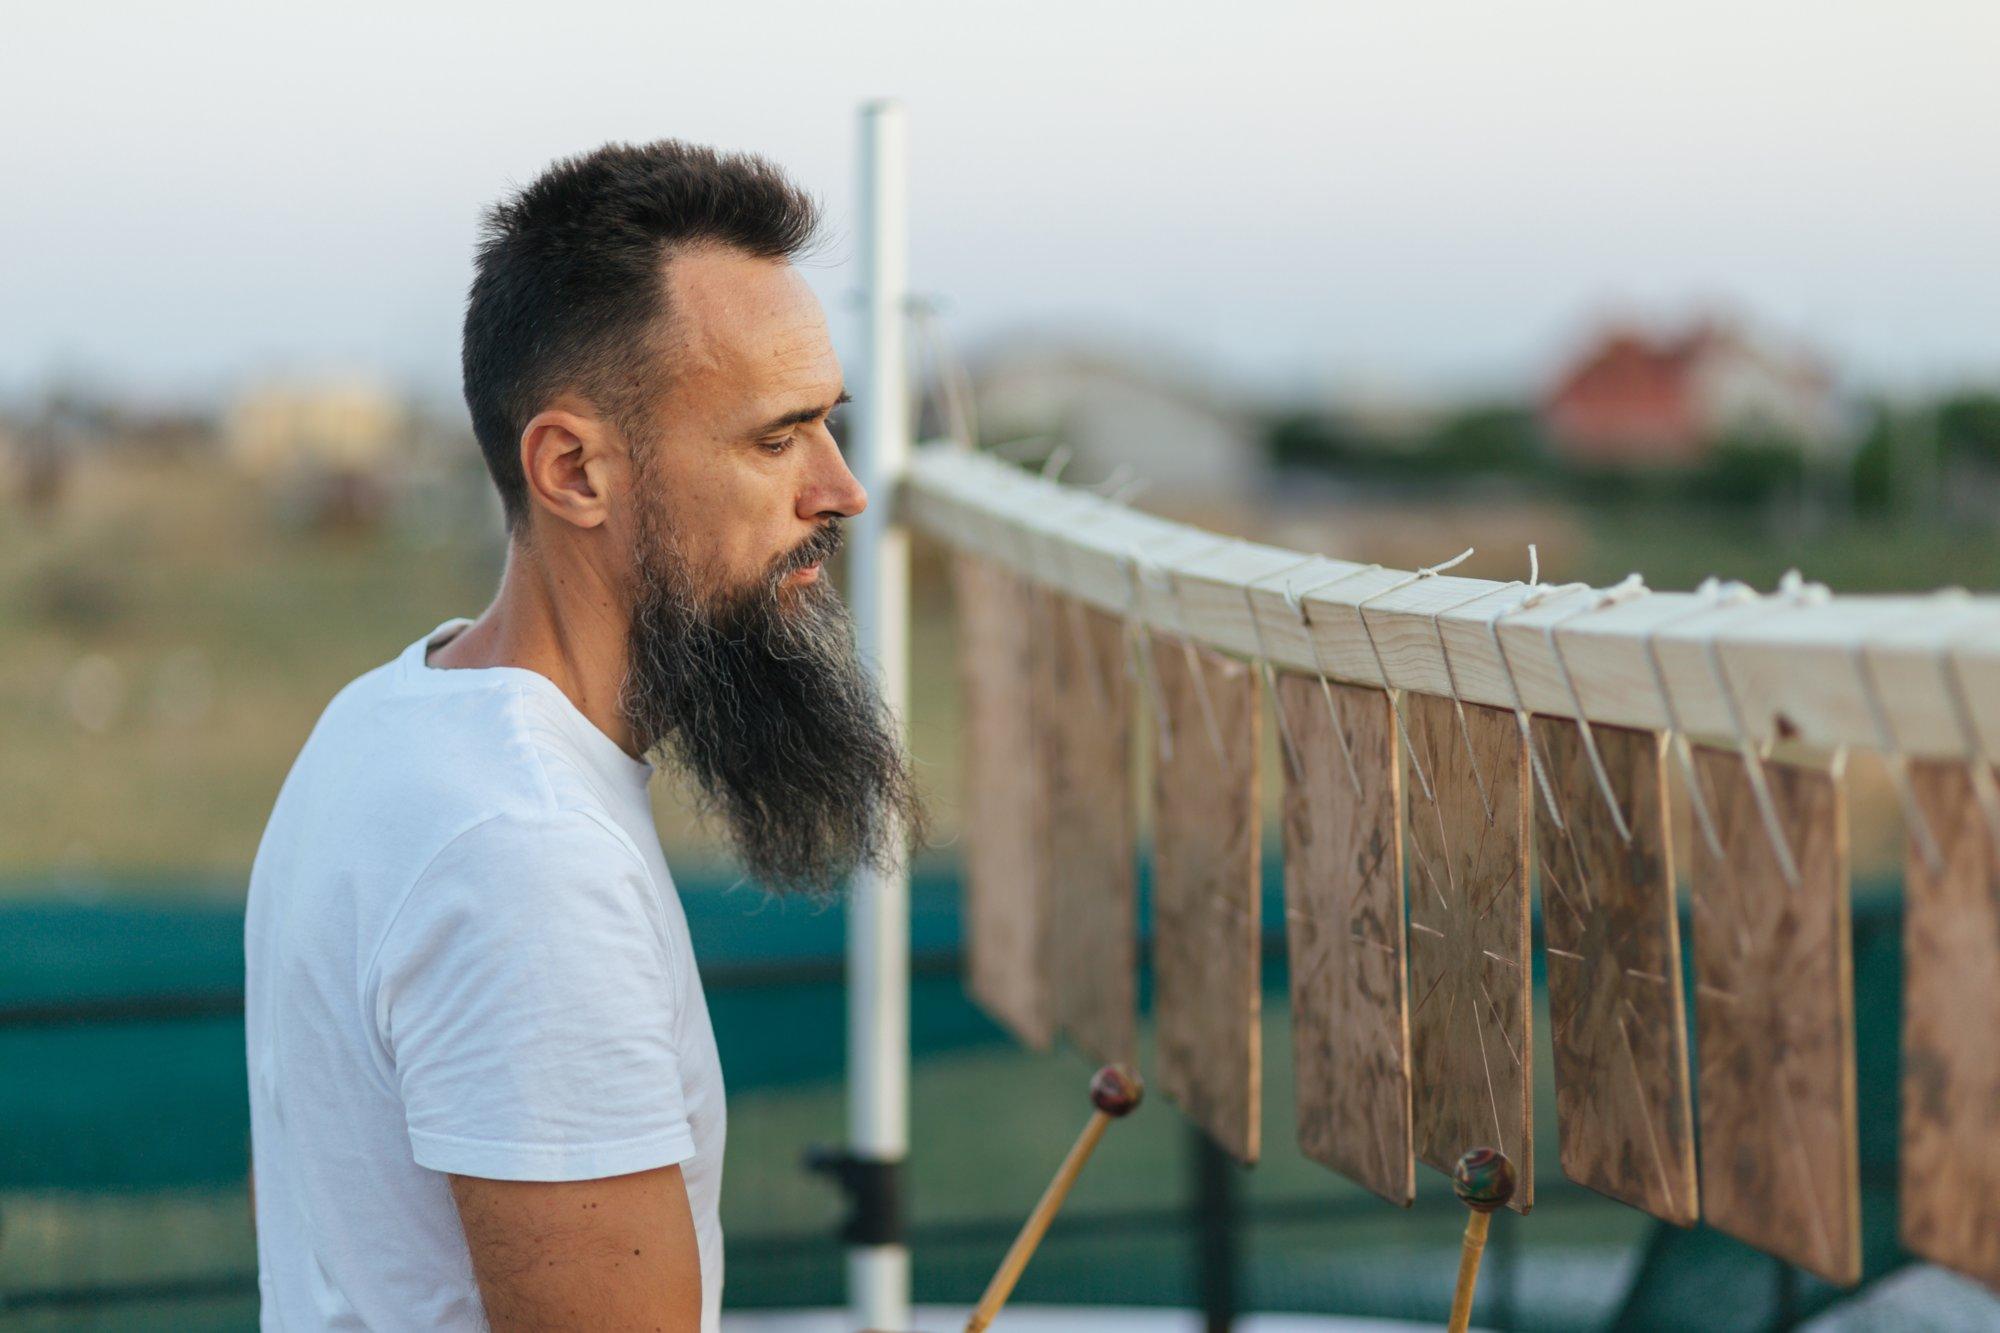 Фестиваль обертонної музики та співу EZZO SOUND 2020: інтерв'ю з організатором Ігорем Наказним